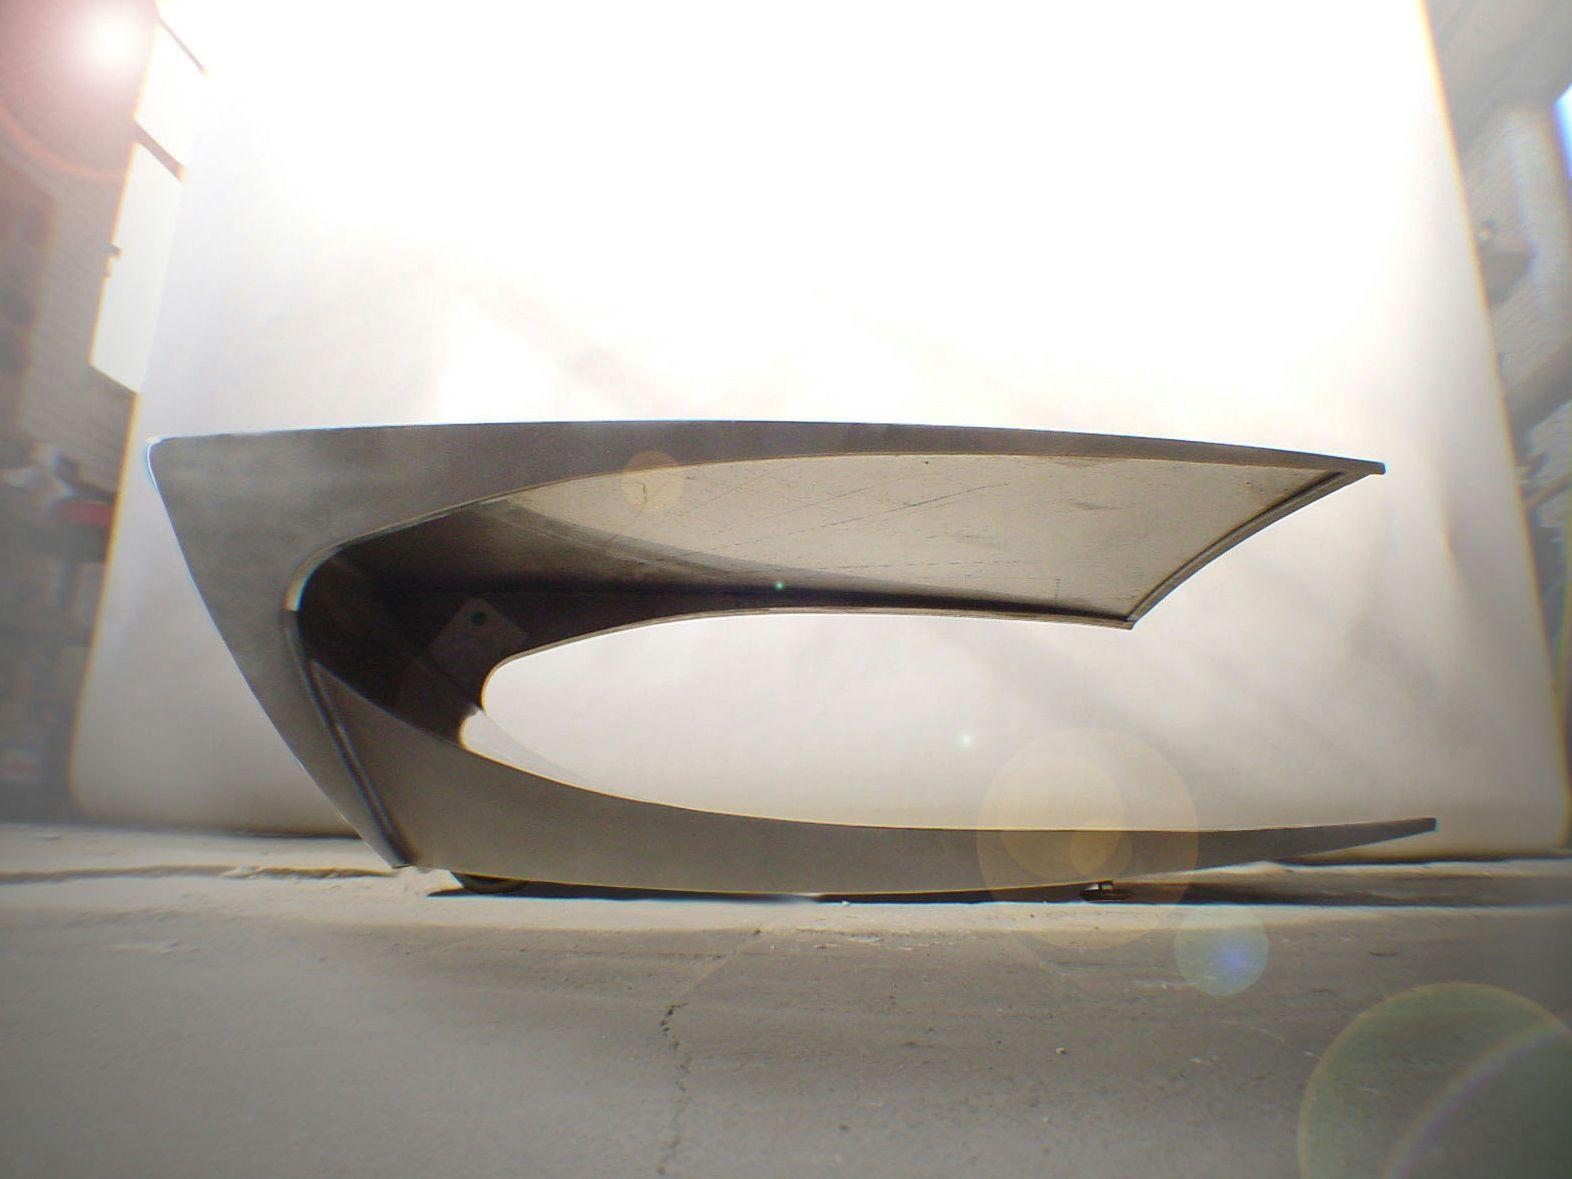 couchtisch edelstahl gebürstet: designer couchtisch beistelltisch